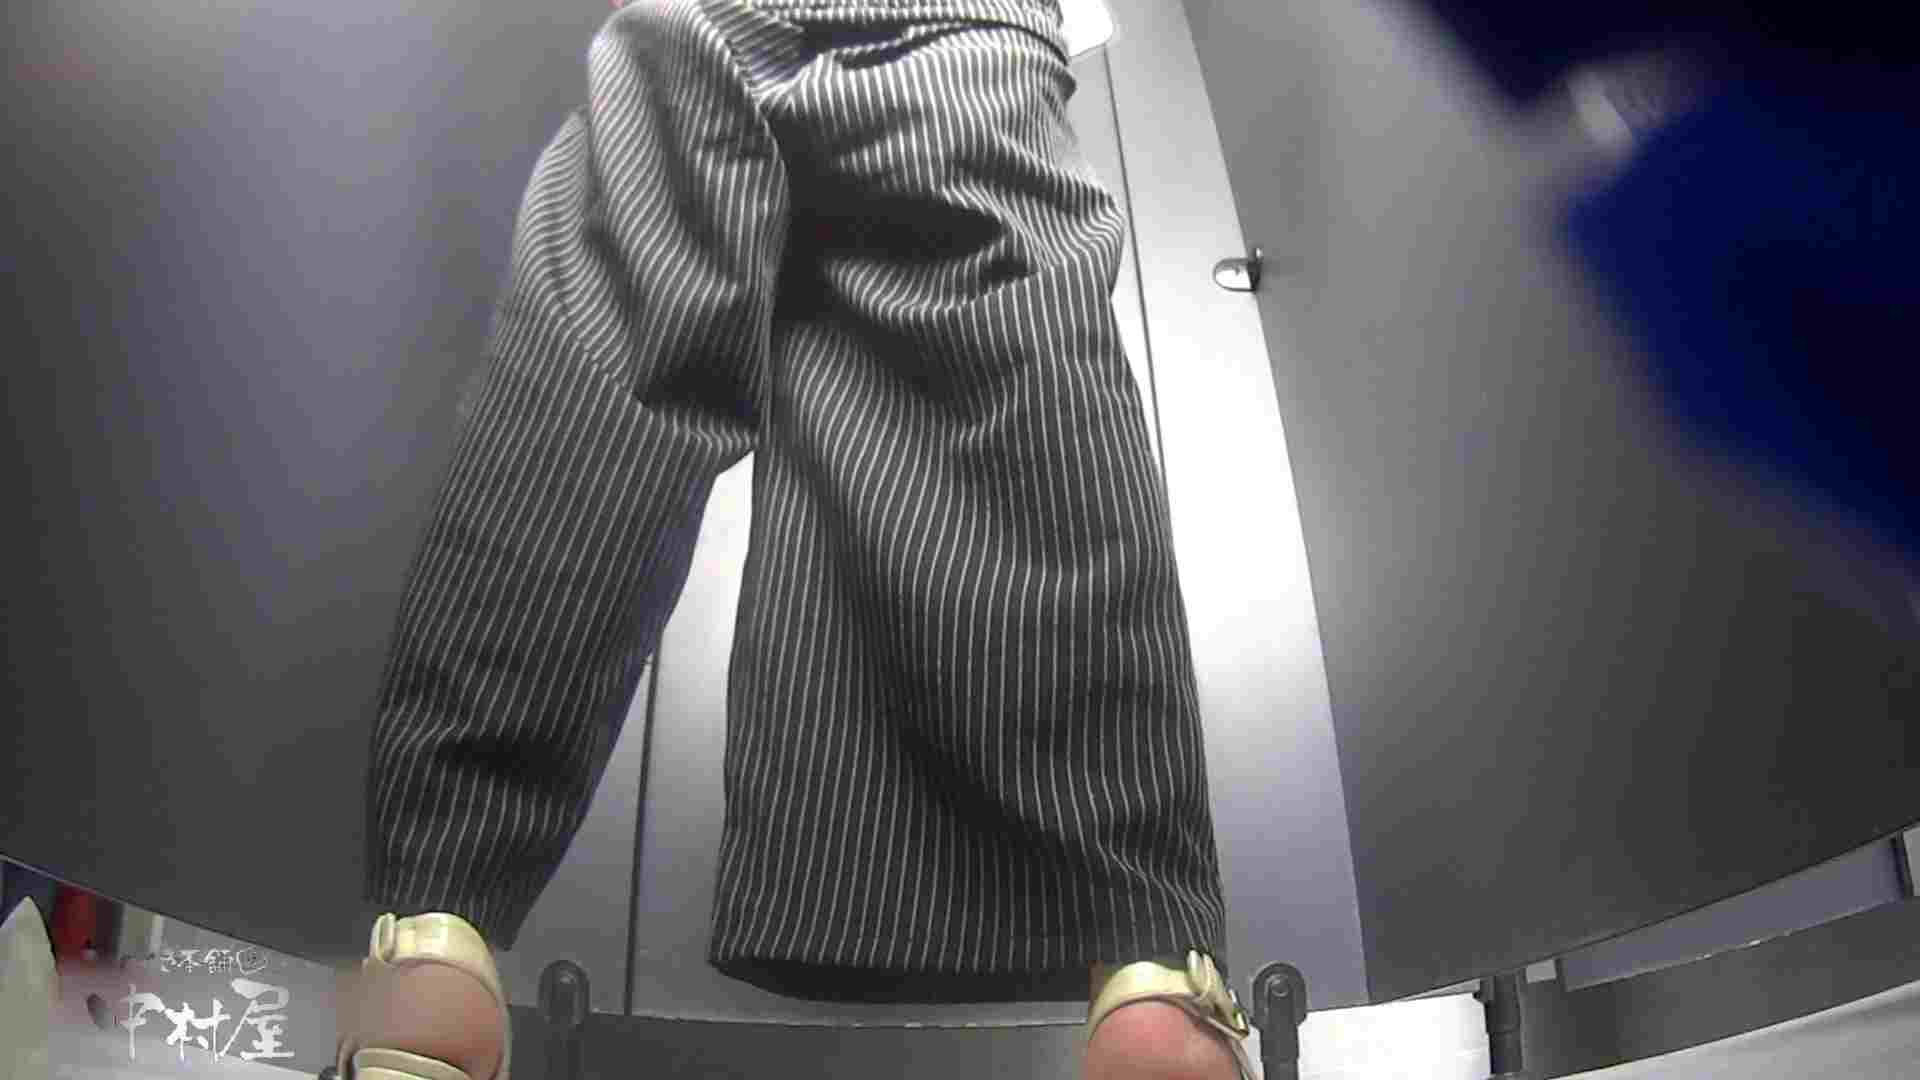 ツンデレお女市さんのトイレ事情 大学休憩時間の洗面所事情32 0  102pic 42